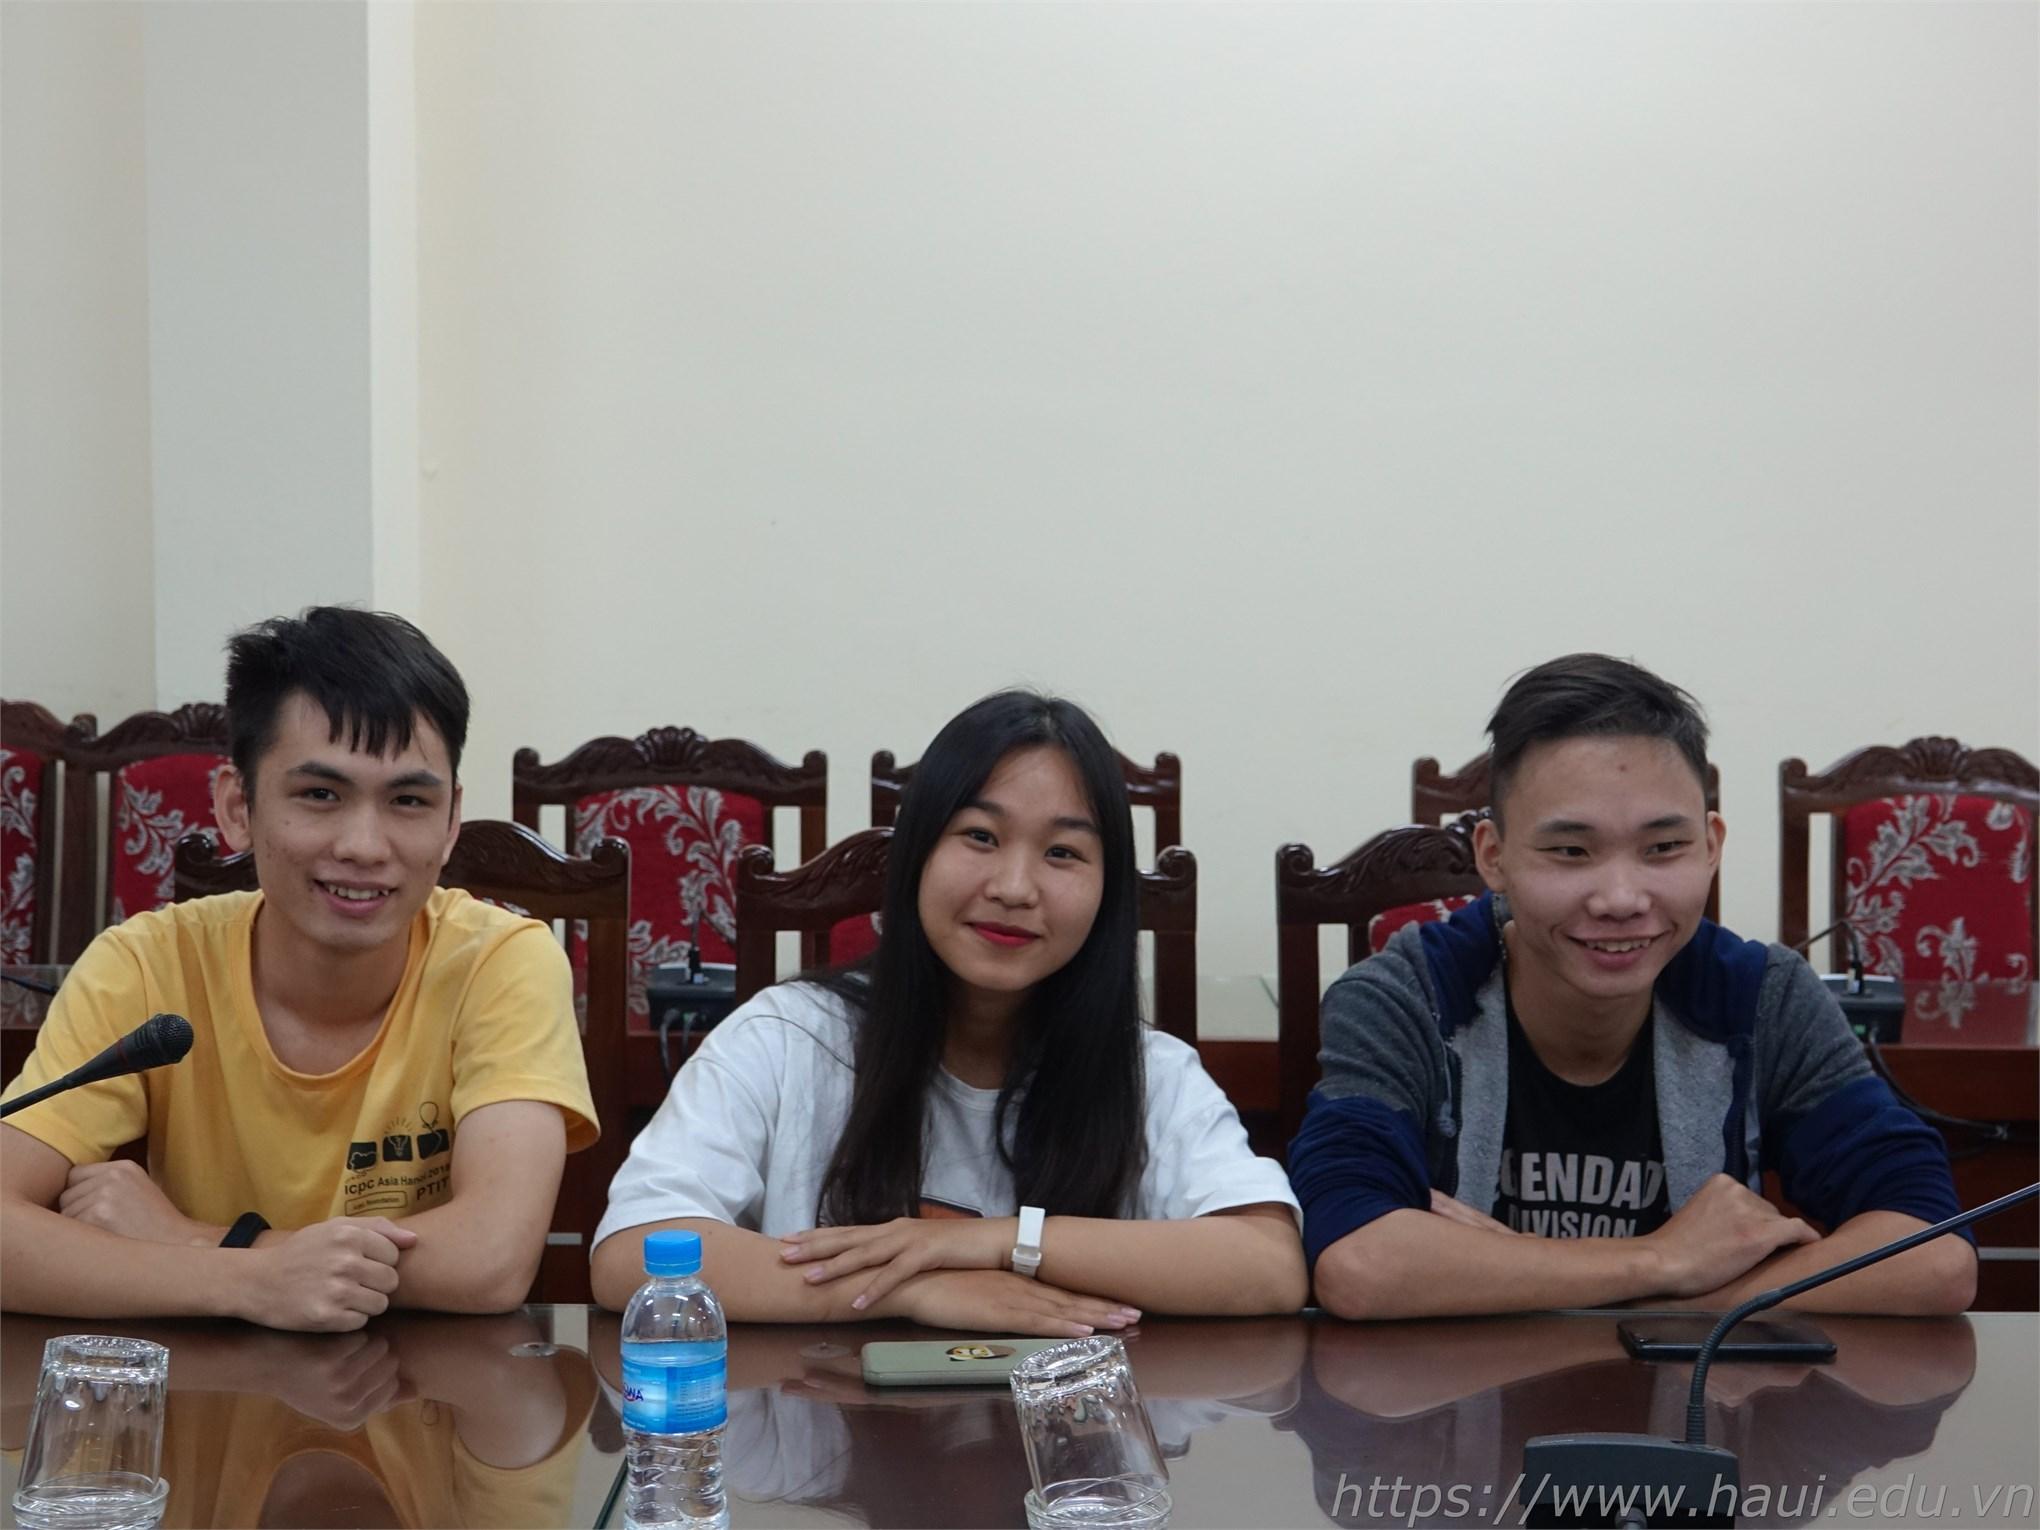 Sinh viên ĐHCNHN đã chuẩn bị sẵn sàng cho Kỳ thi tay nghề thành phố Hà Nội năm 2019